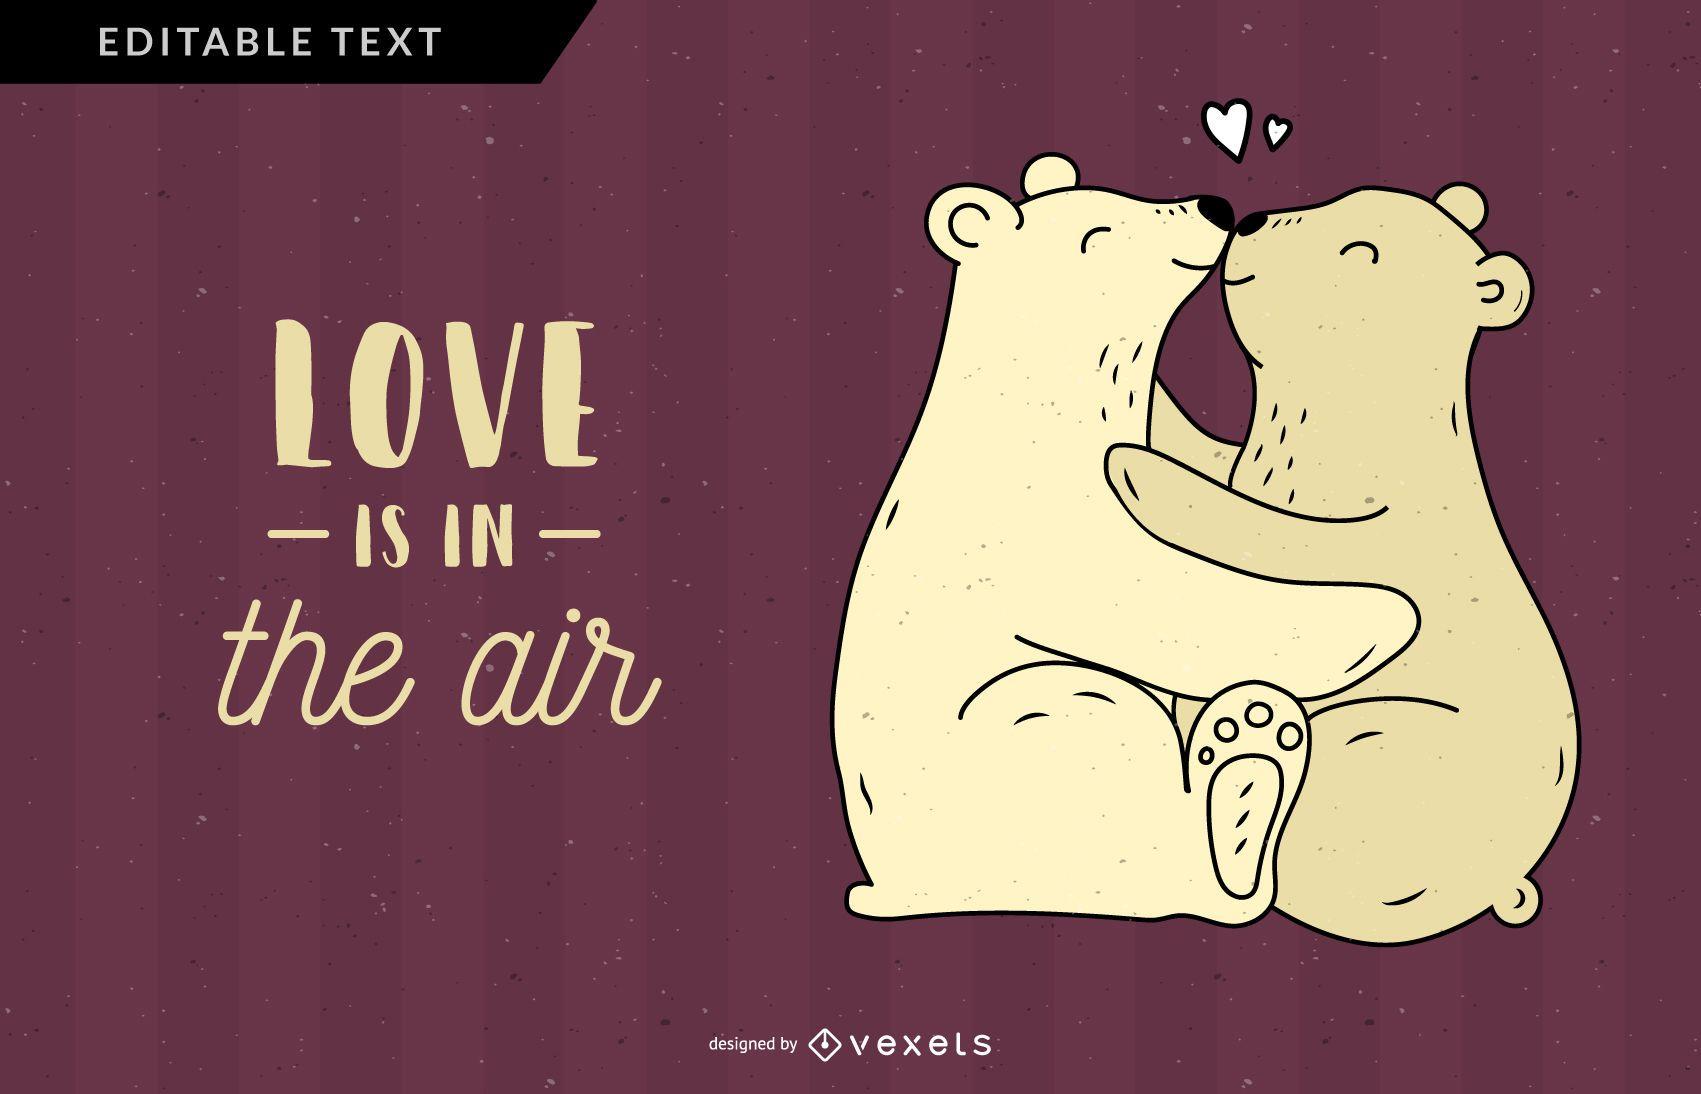 Oso amor está en el aire ilustración